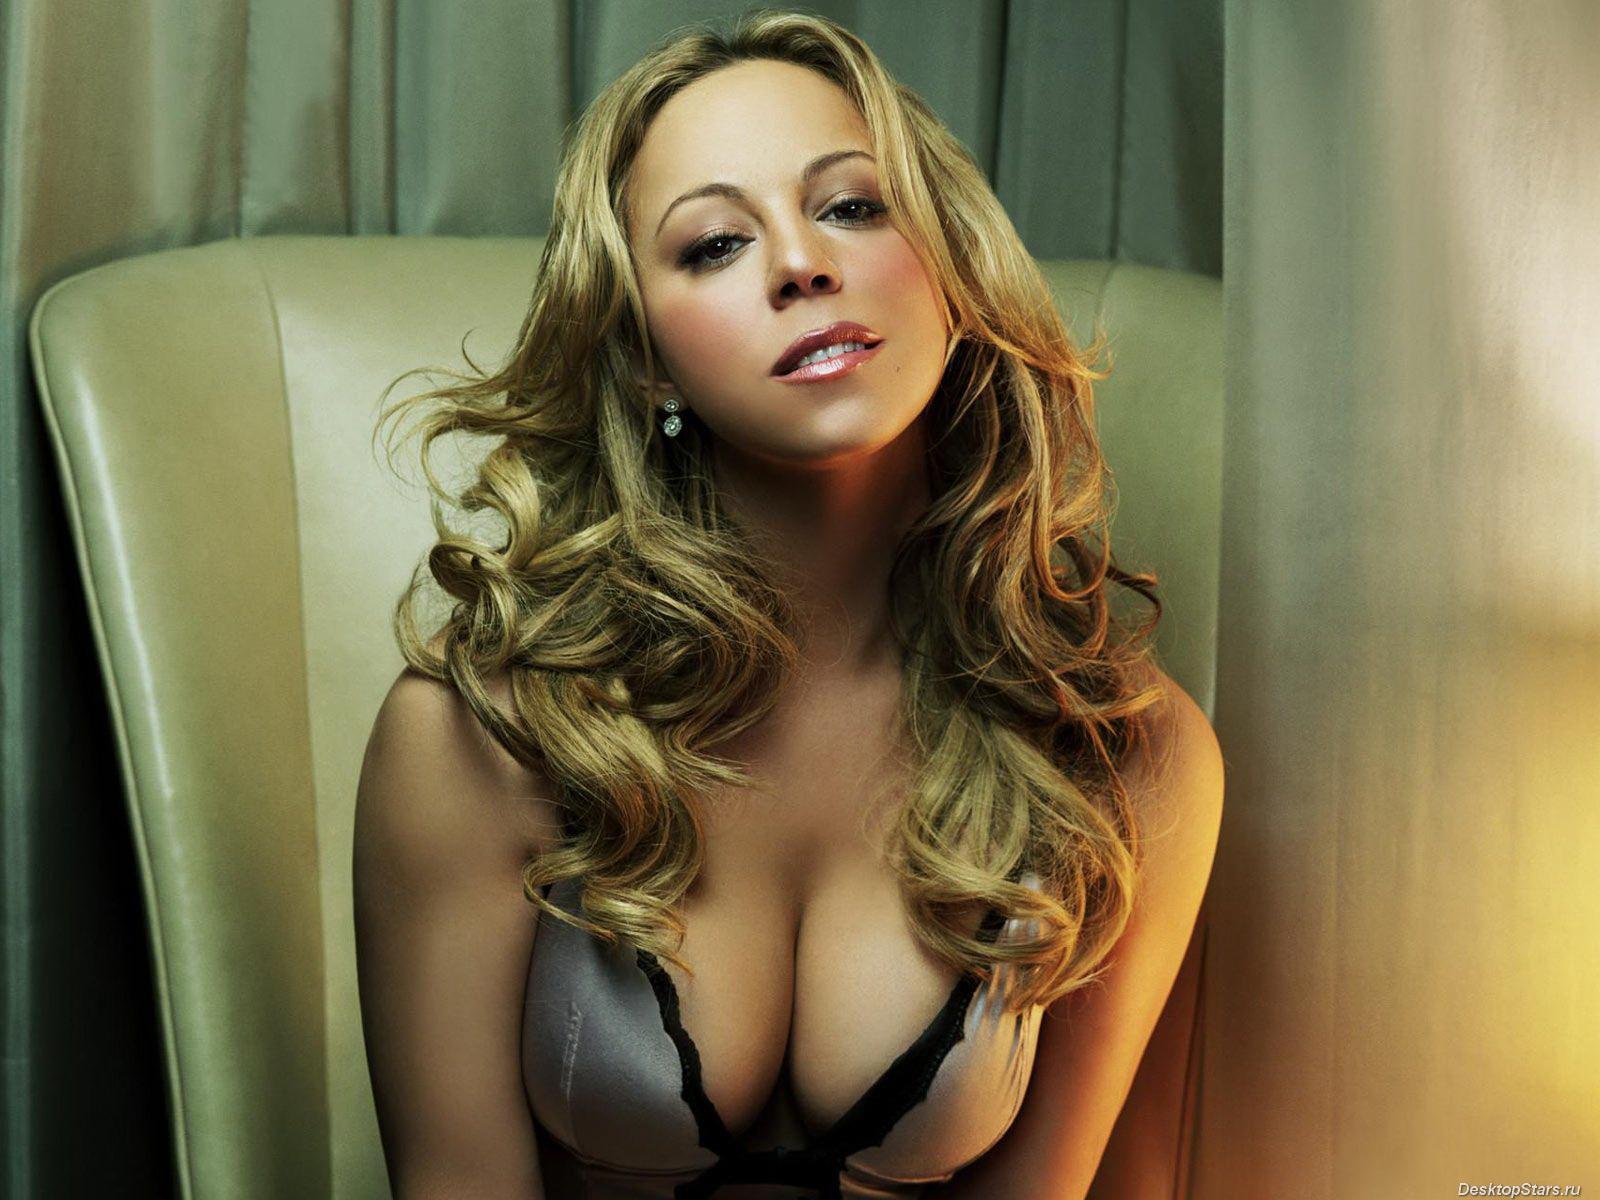 http://1.bp.blogspot.com/-VmQ63jeP8hk/TtunSBFS11I/AAAAAAAACIk/Hn-gh1mVCzY/s1600/mariah-carey.jpg